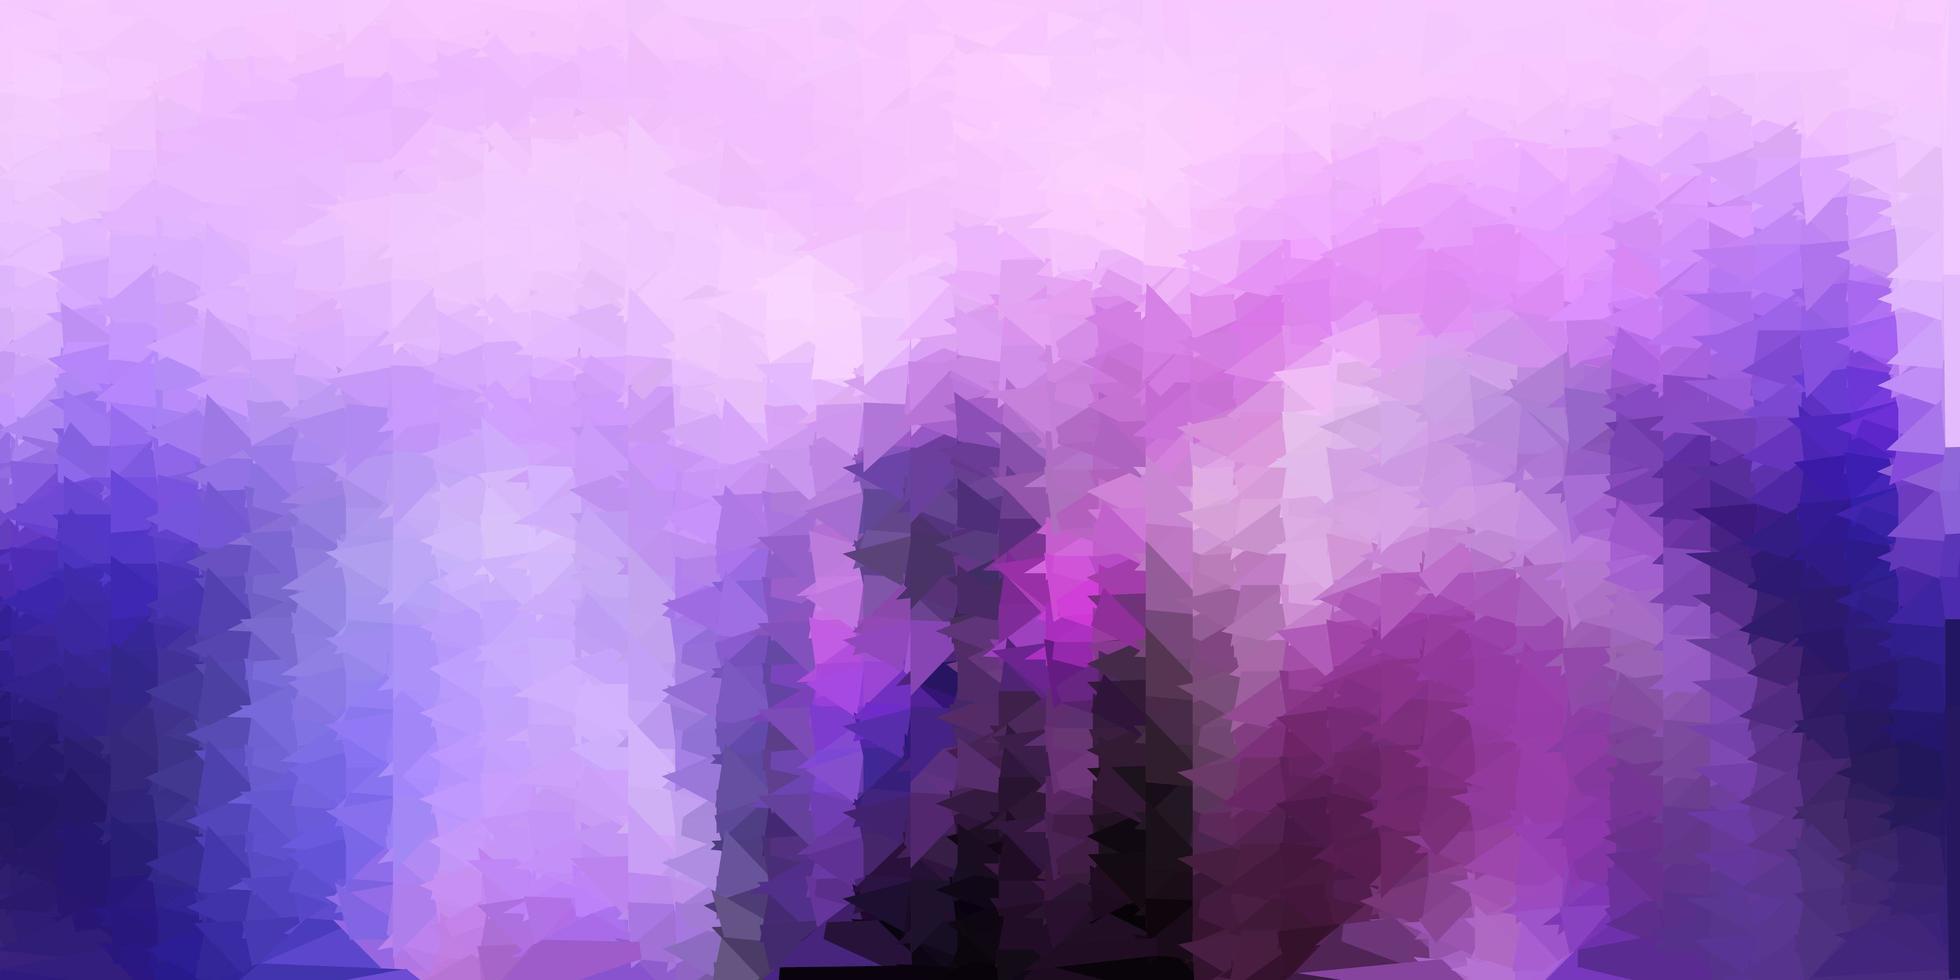 geometrisches polygonales Layout des hellvioletten Vektors. vektor